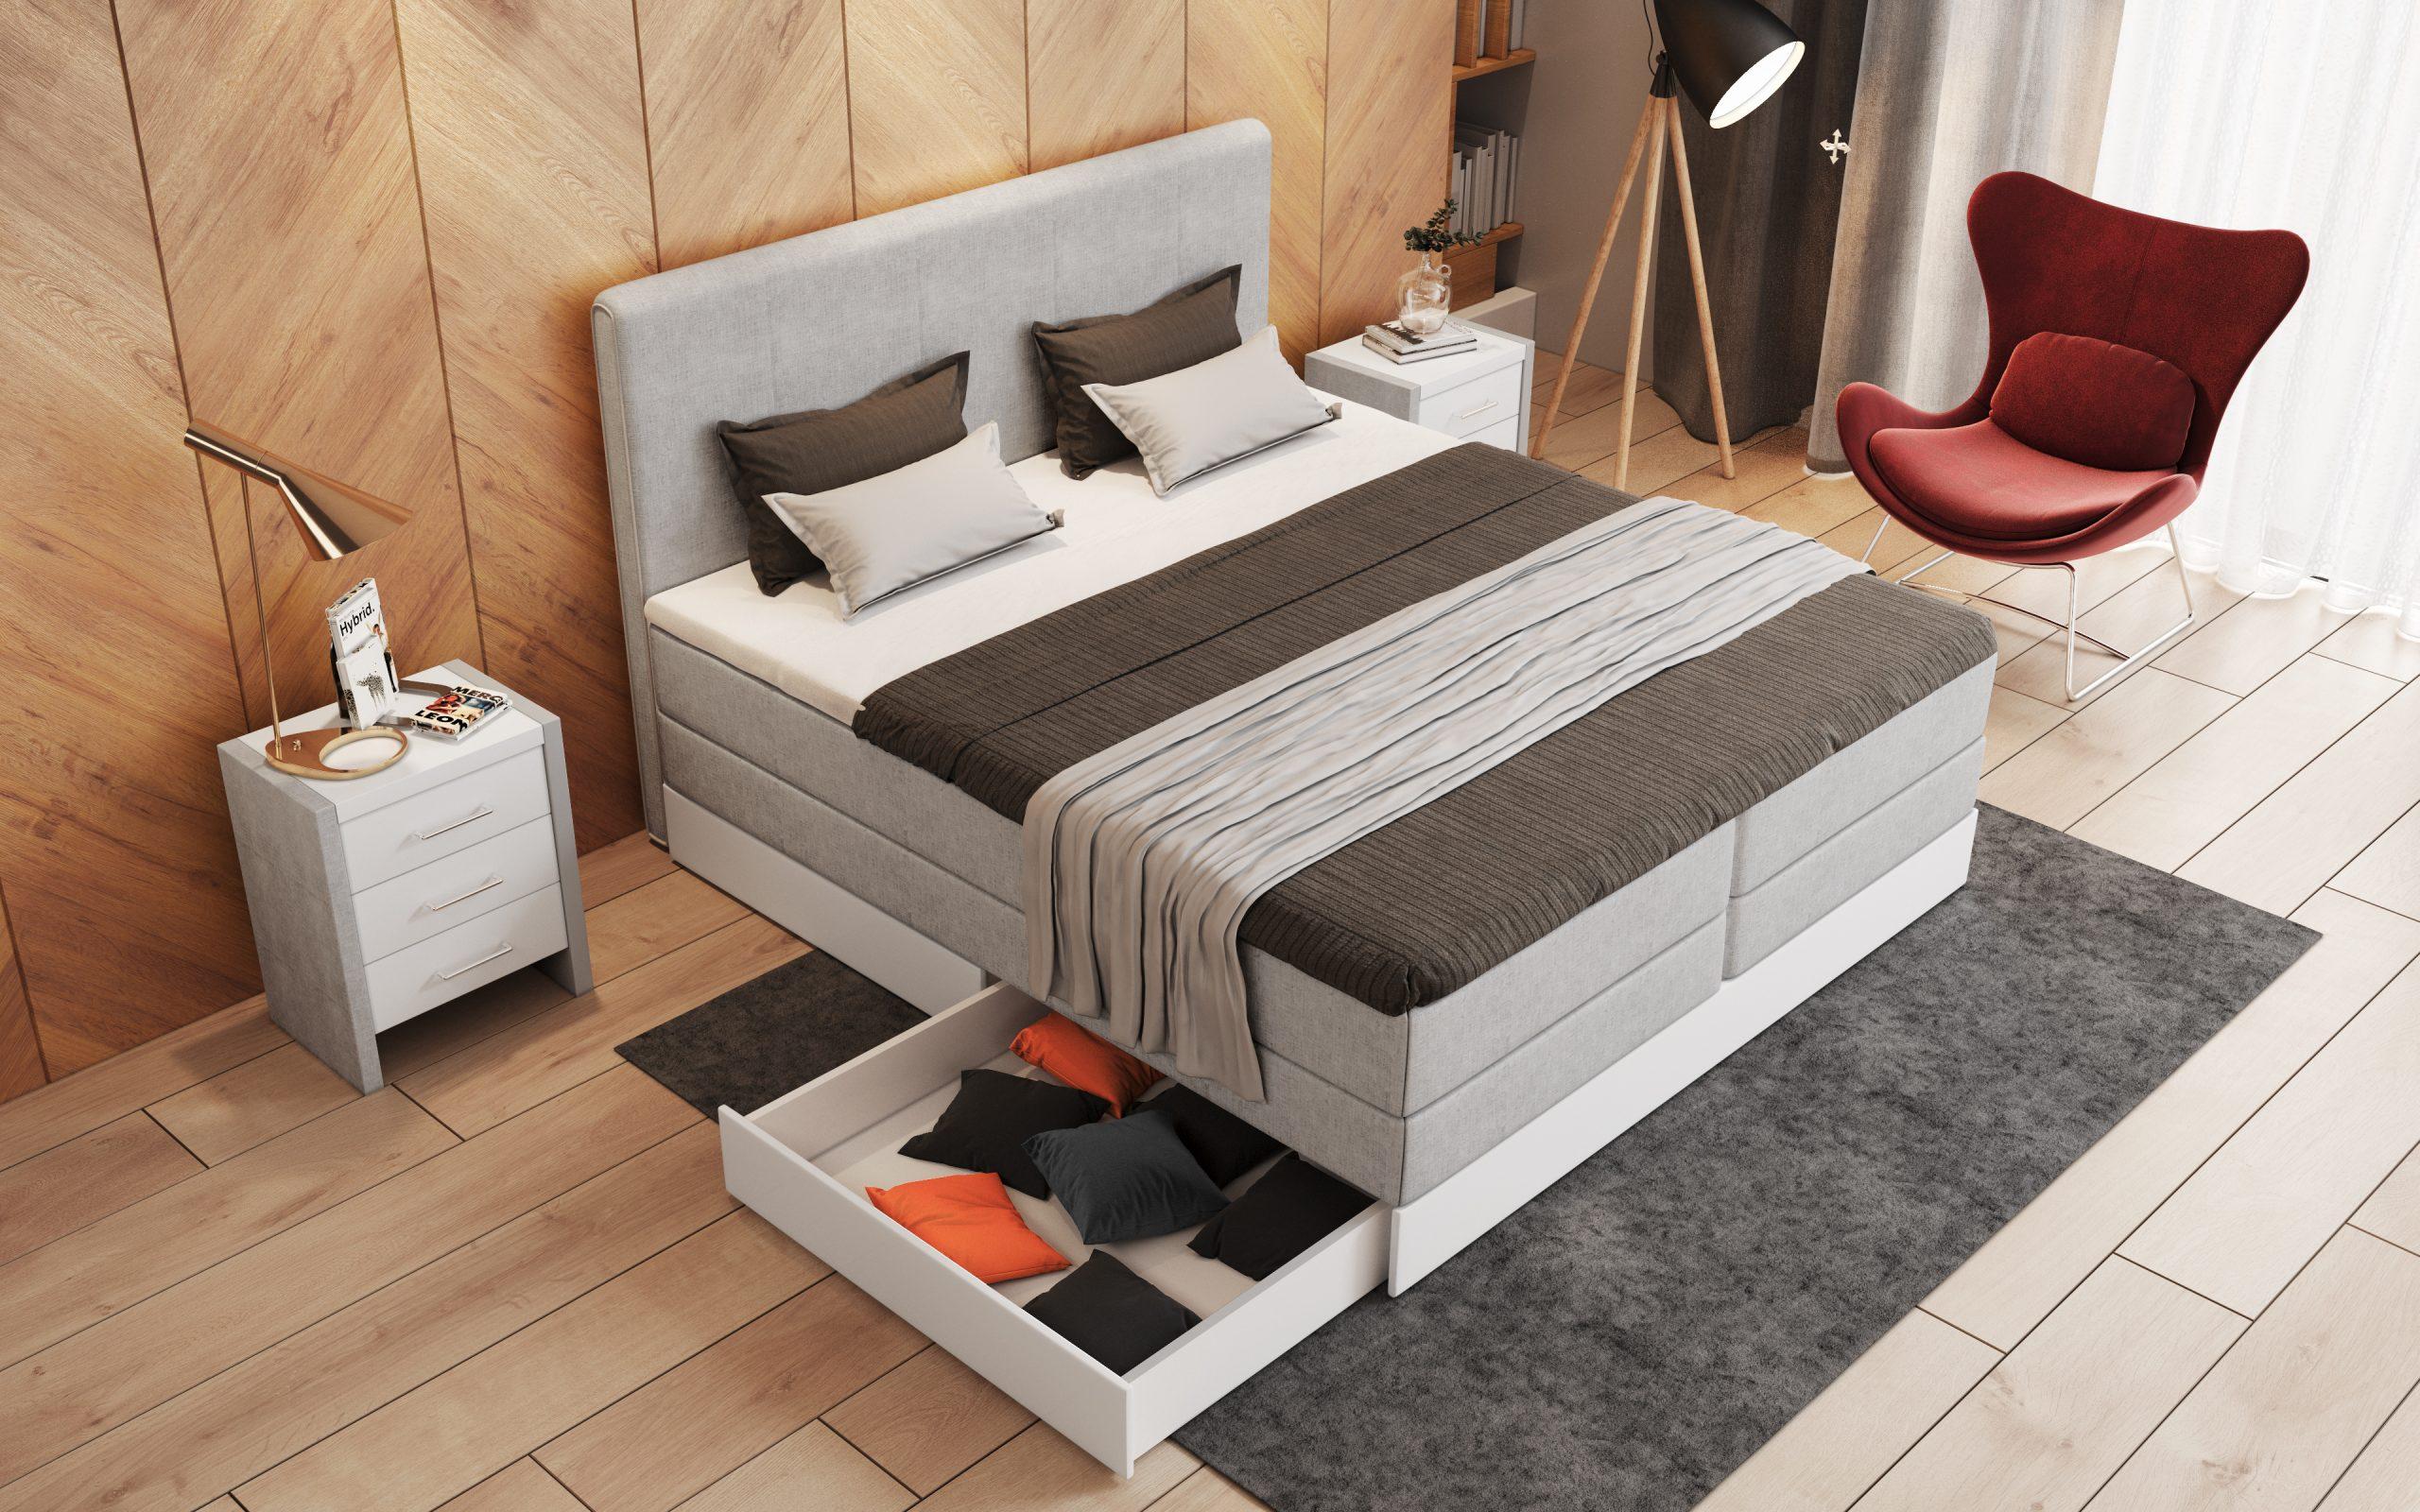 Full Size of Boxspringbett Mit Stauraum Mnster Belando Betten Bett Betten.de